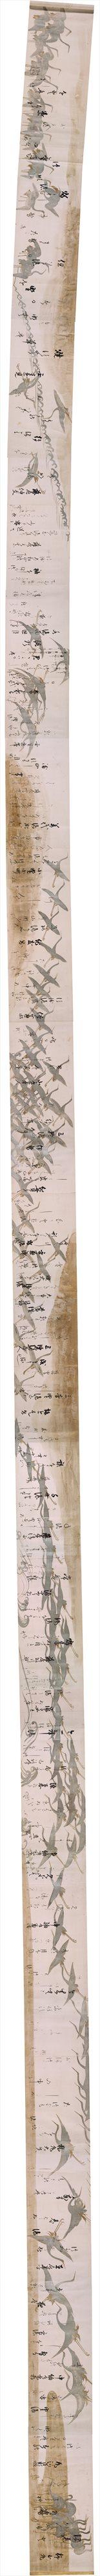 【超顶级】RBH9086144-日本古画-长卷-鹤图下绘和歌卷仙鹤高清图片-1402M-112527X4356